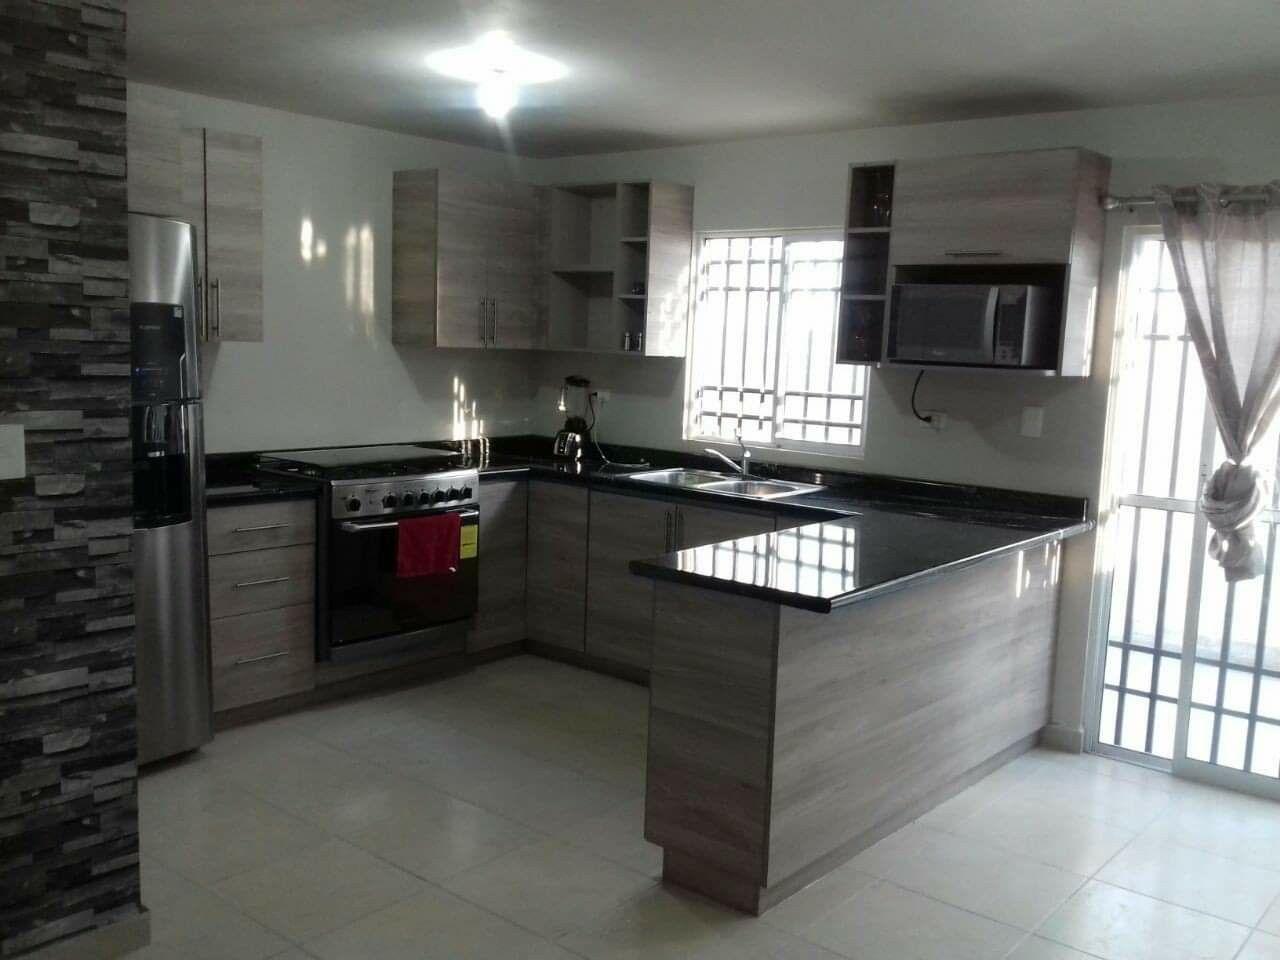 Cocina Cozinhas Modernas Decoracao Cozinha Sala Interior De Cozinha